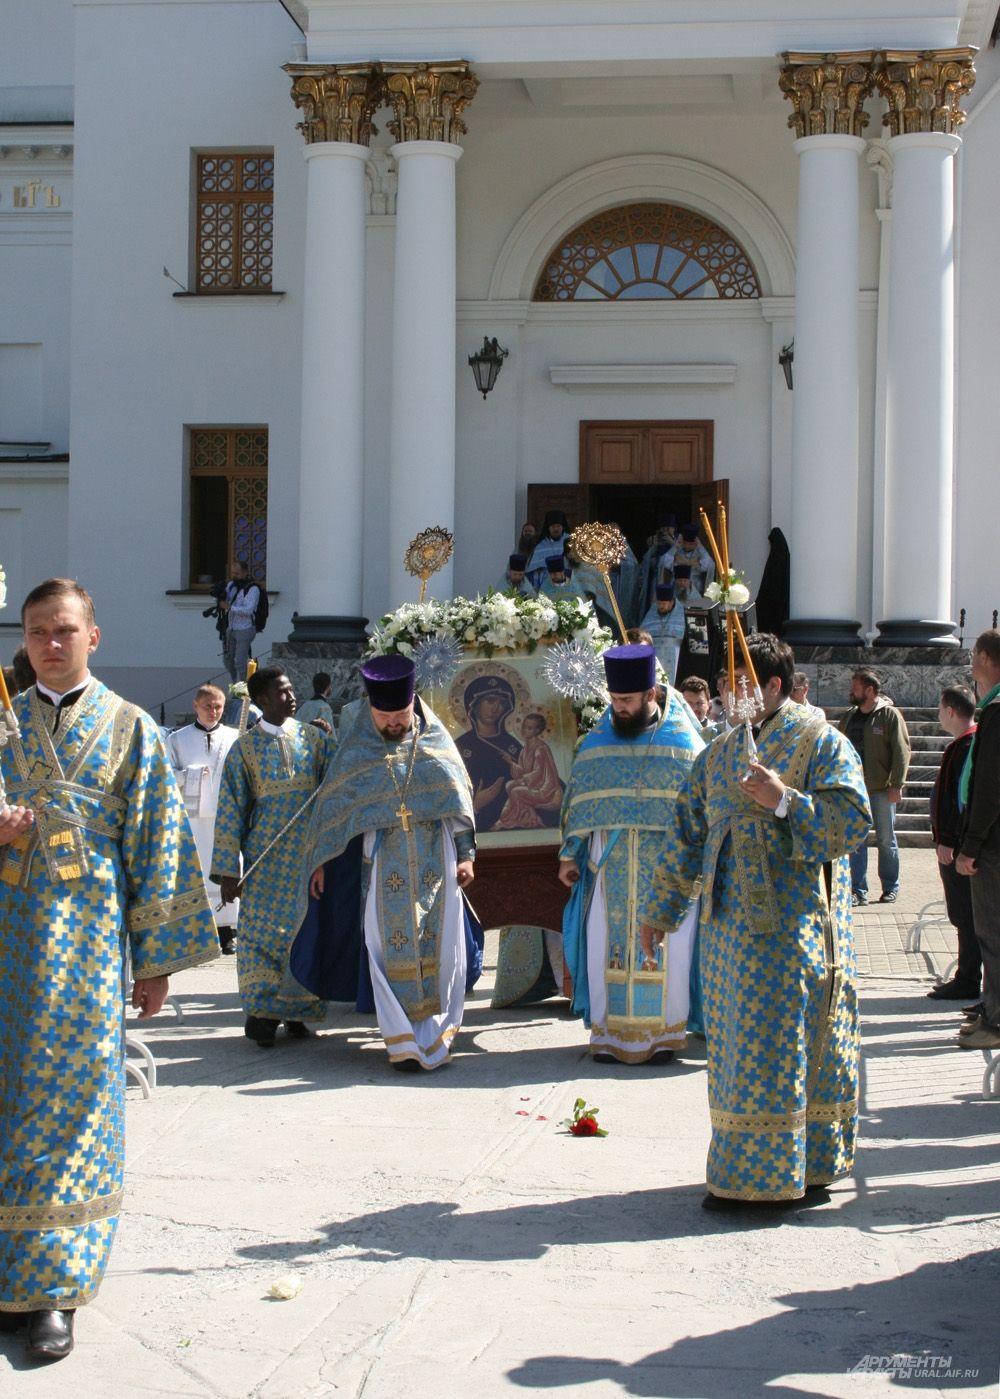 Чудотворная Тихвинская икона Богородицы – одна из самых почитаемых в России. В Ново-Тихвинской обители находится один из ее списков.